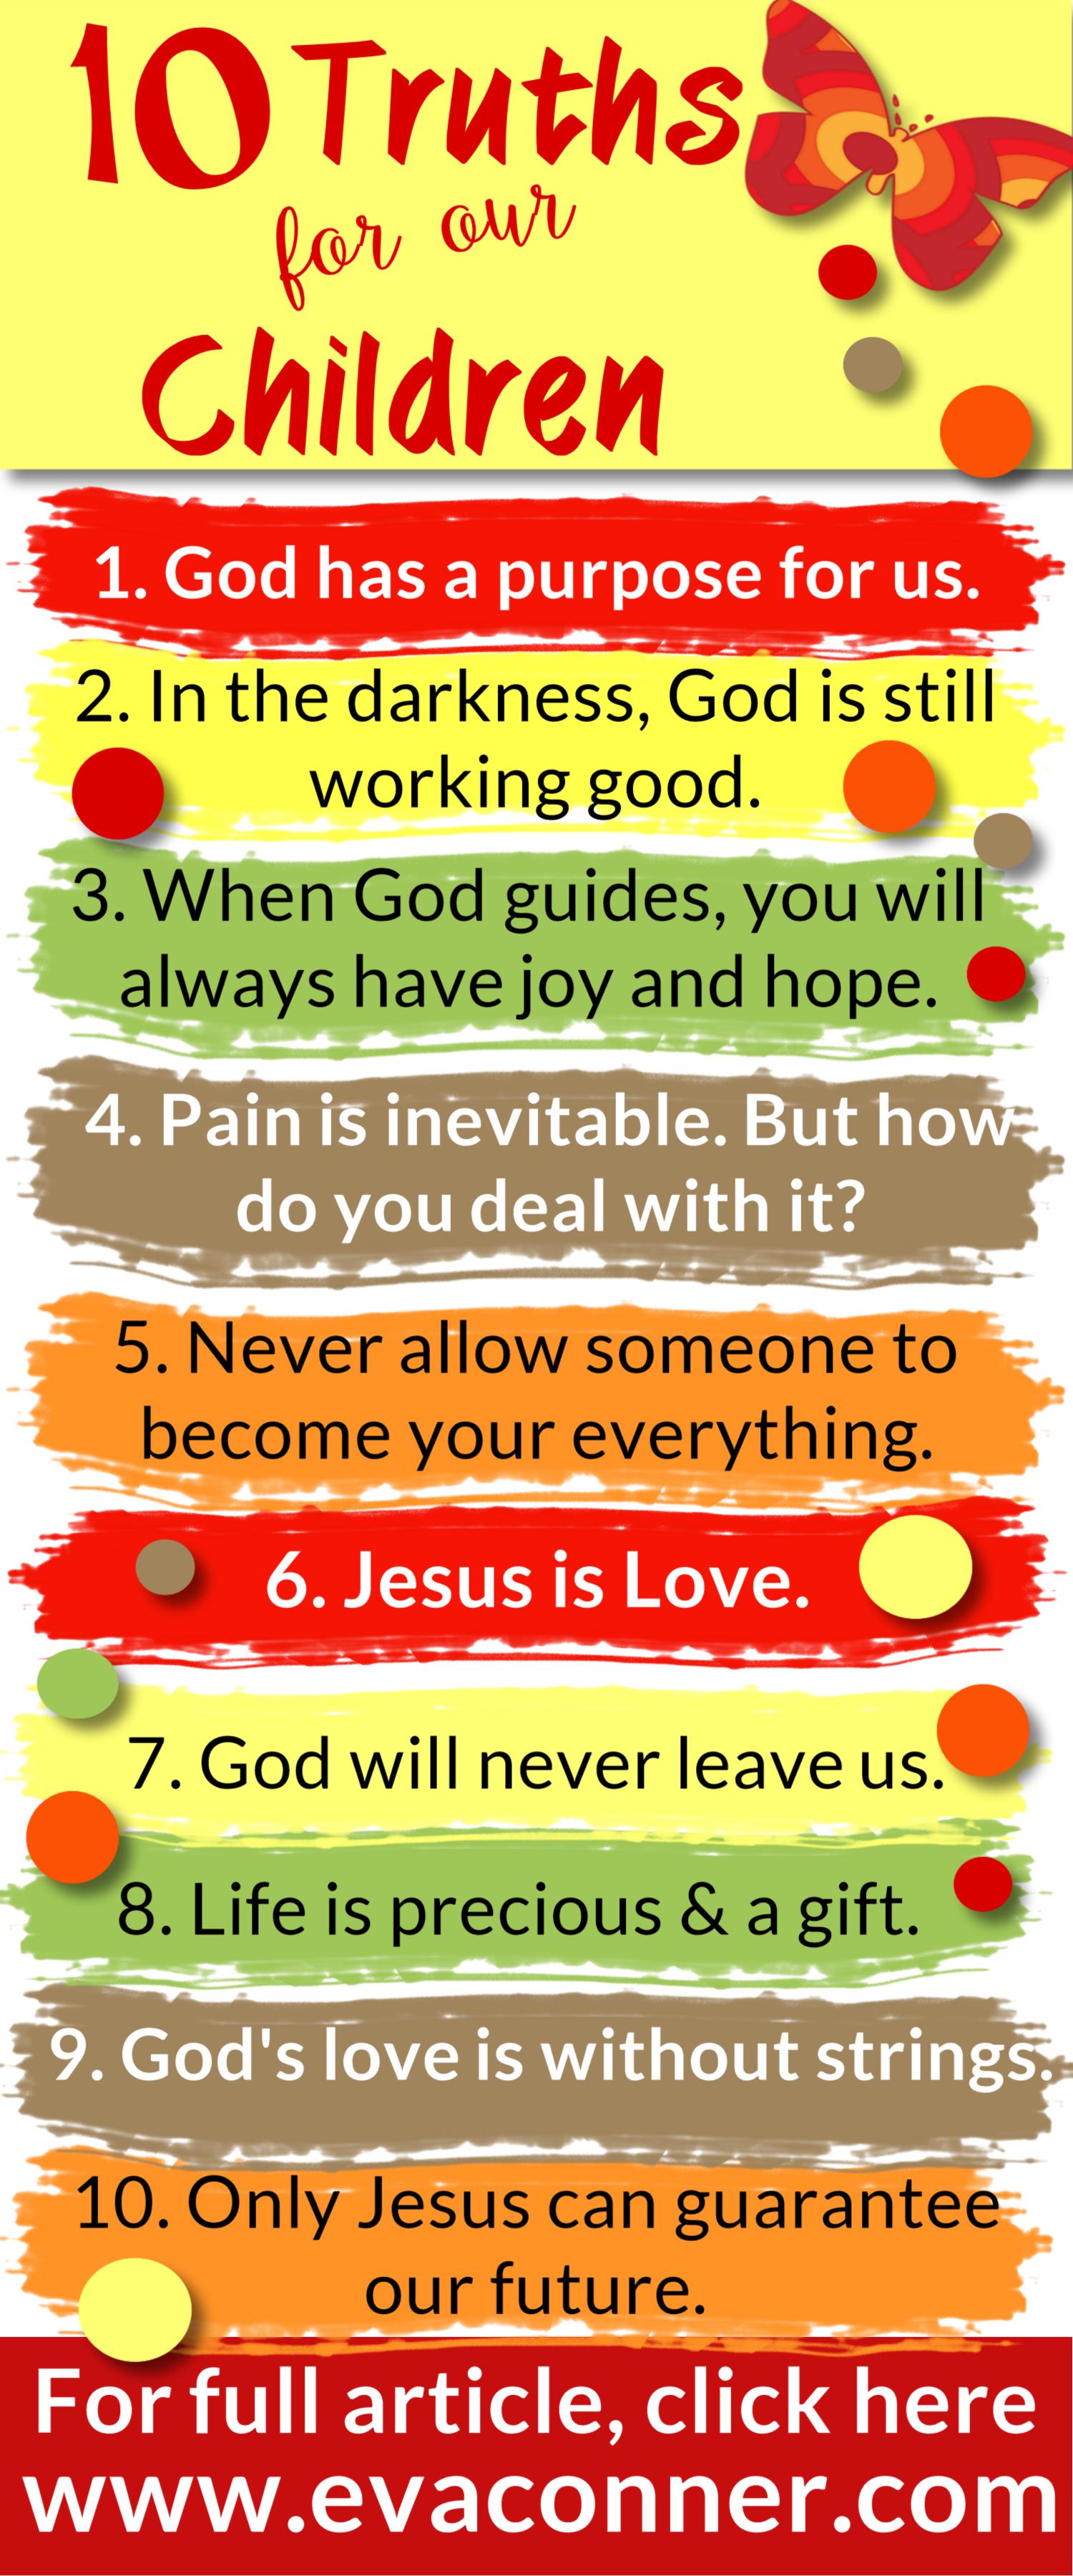 这里有10个关于我们孩子的真理。作为父母,当我们看到孩子受伤时,我们想为他们解决问题。有时我们必须退后一步,让上帝。